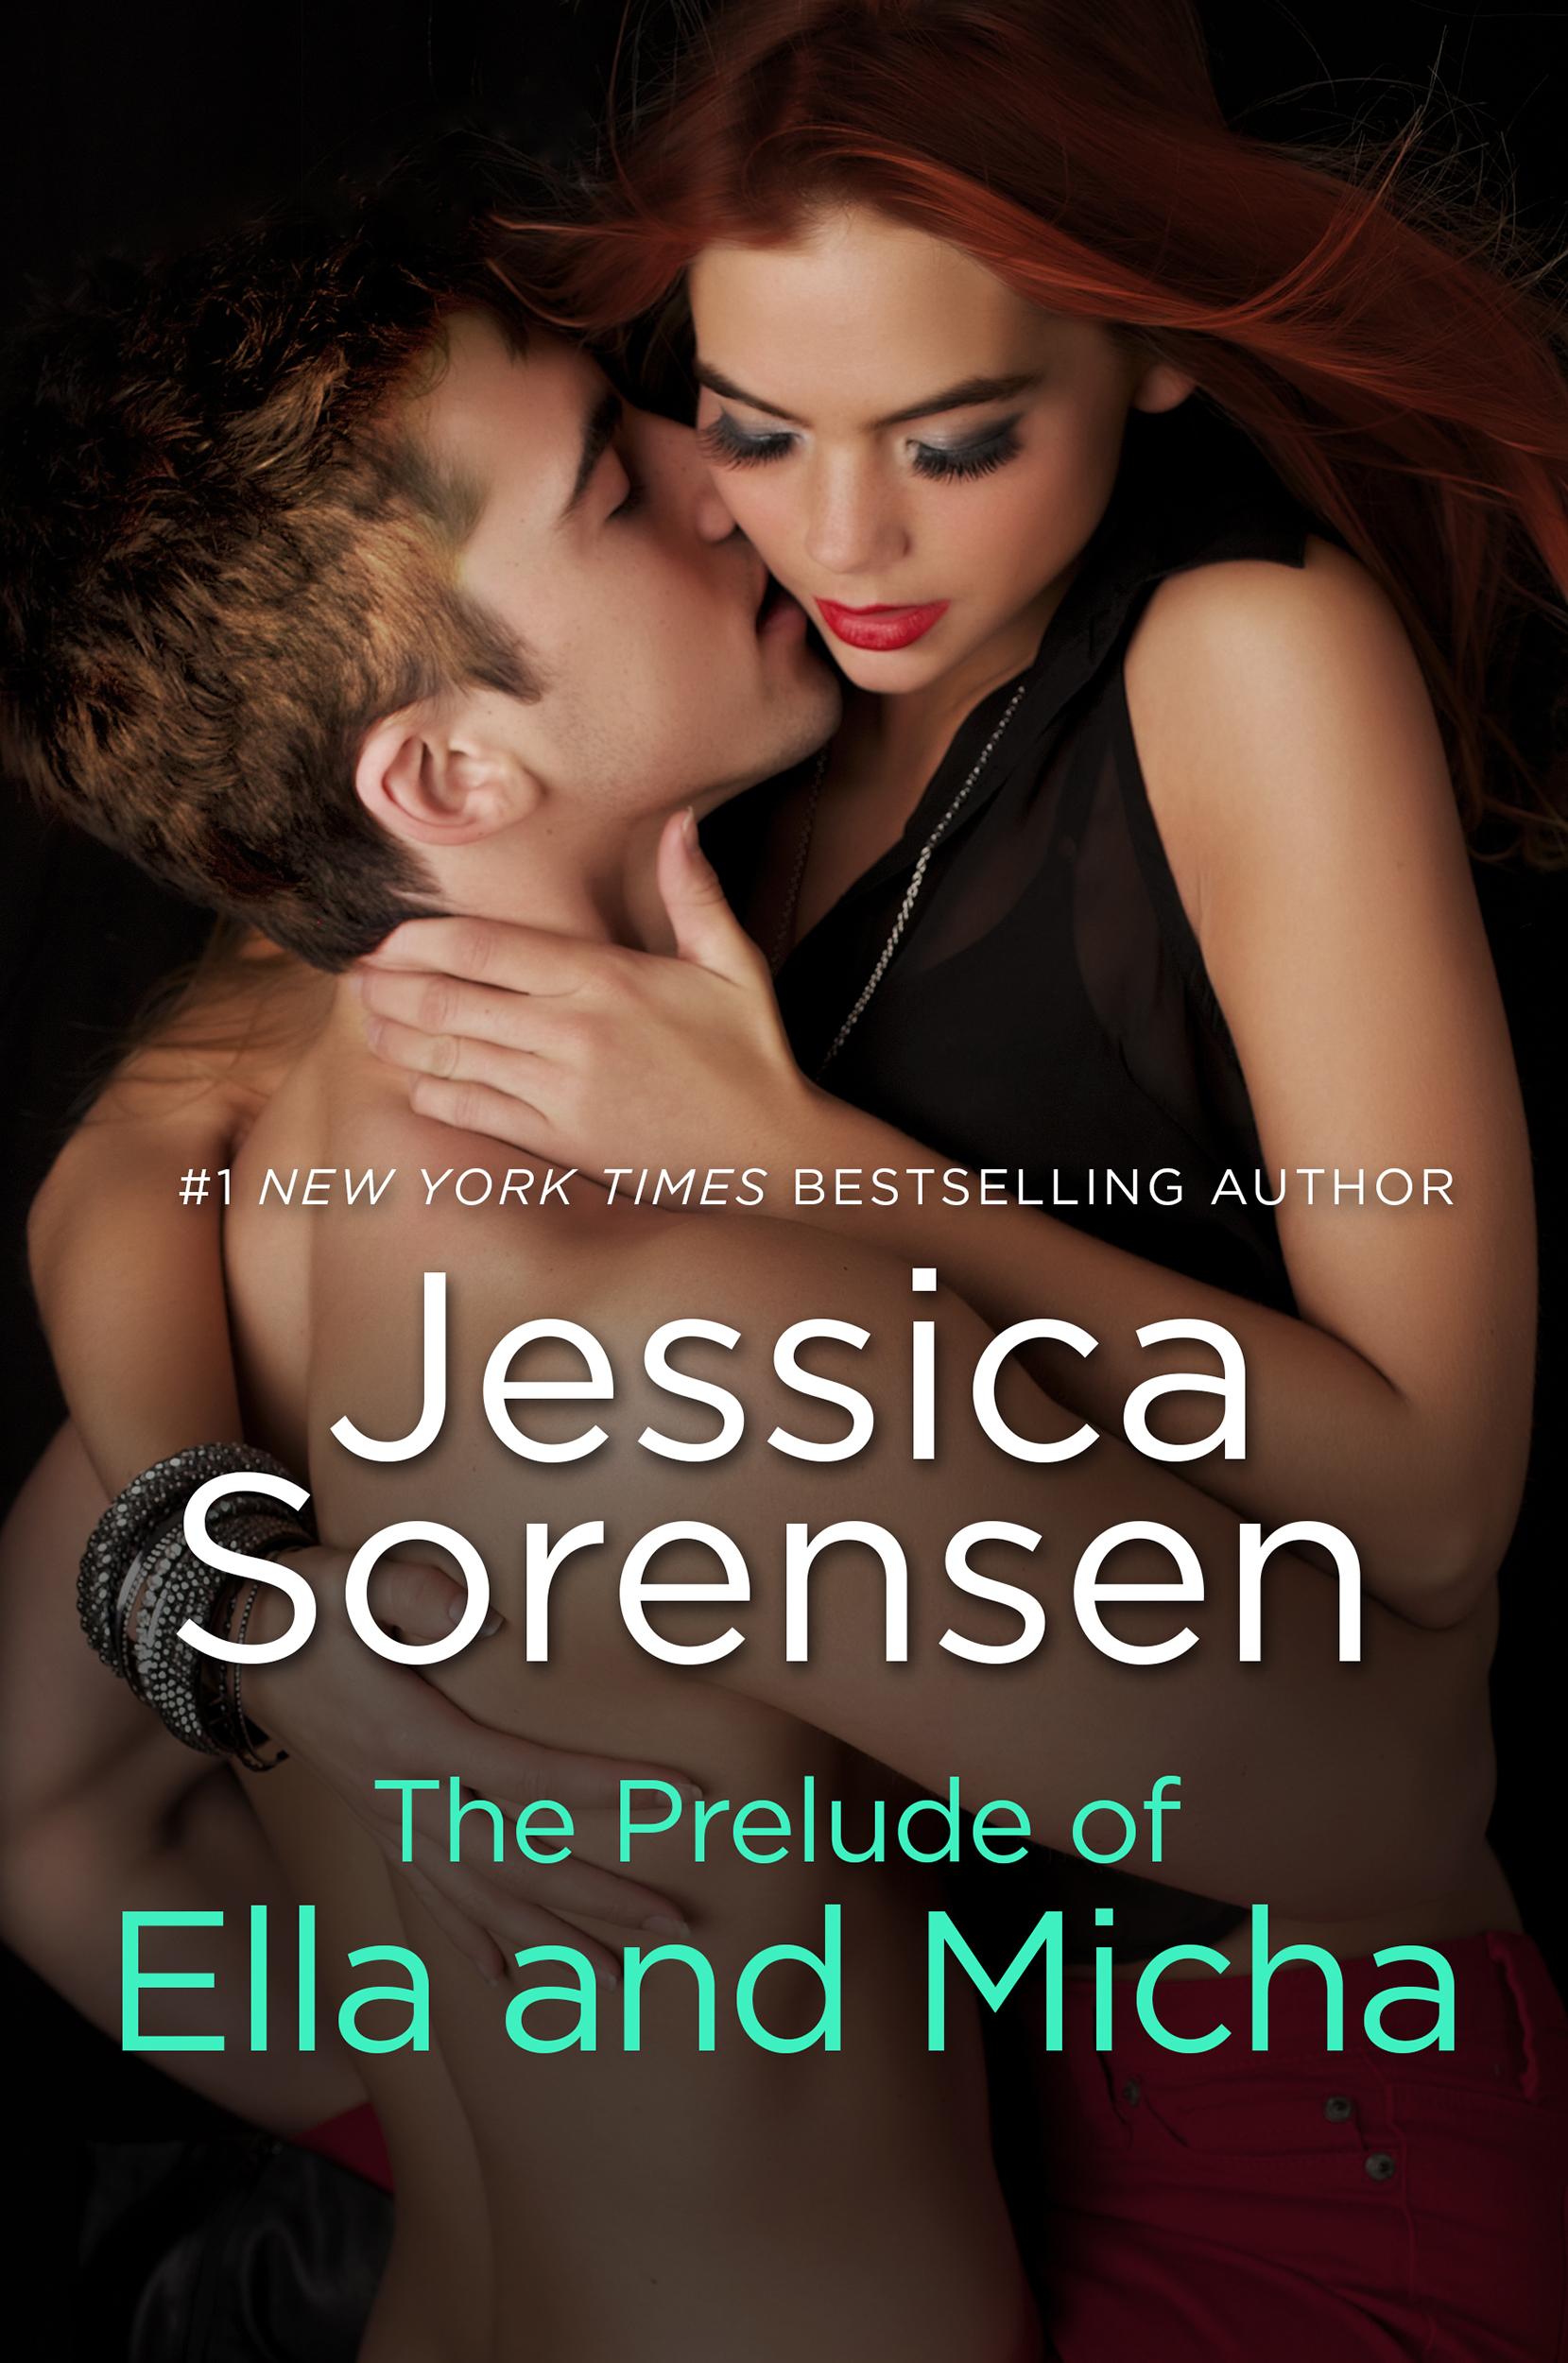 Jessica Sorensen - The Prelude of Ella and Micha (A Novella)